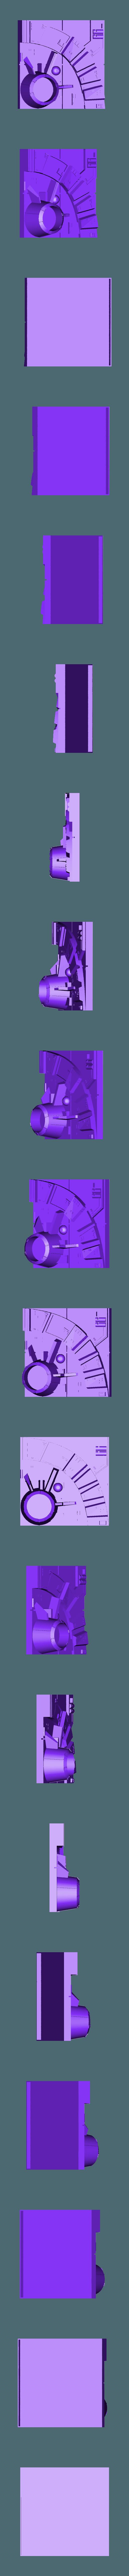 MY_DEATHSTAR_TILE.stl Download free STL file Deathstar TILE • 3D printing model, boryelwoc